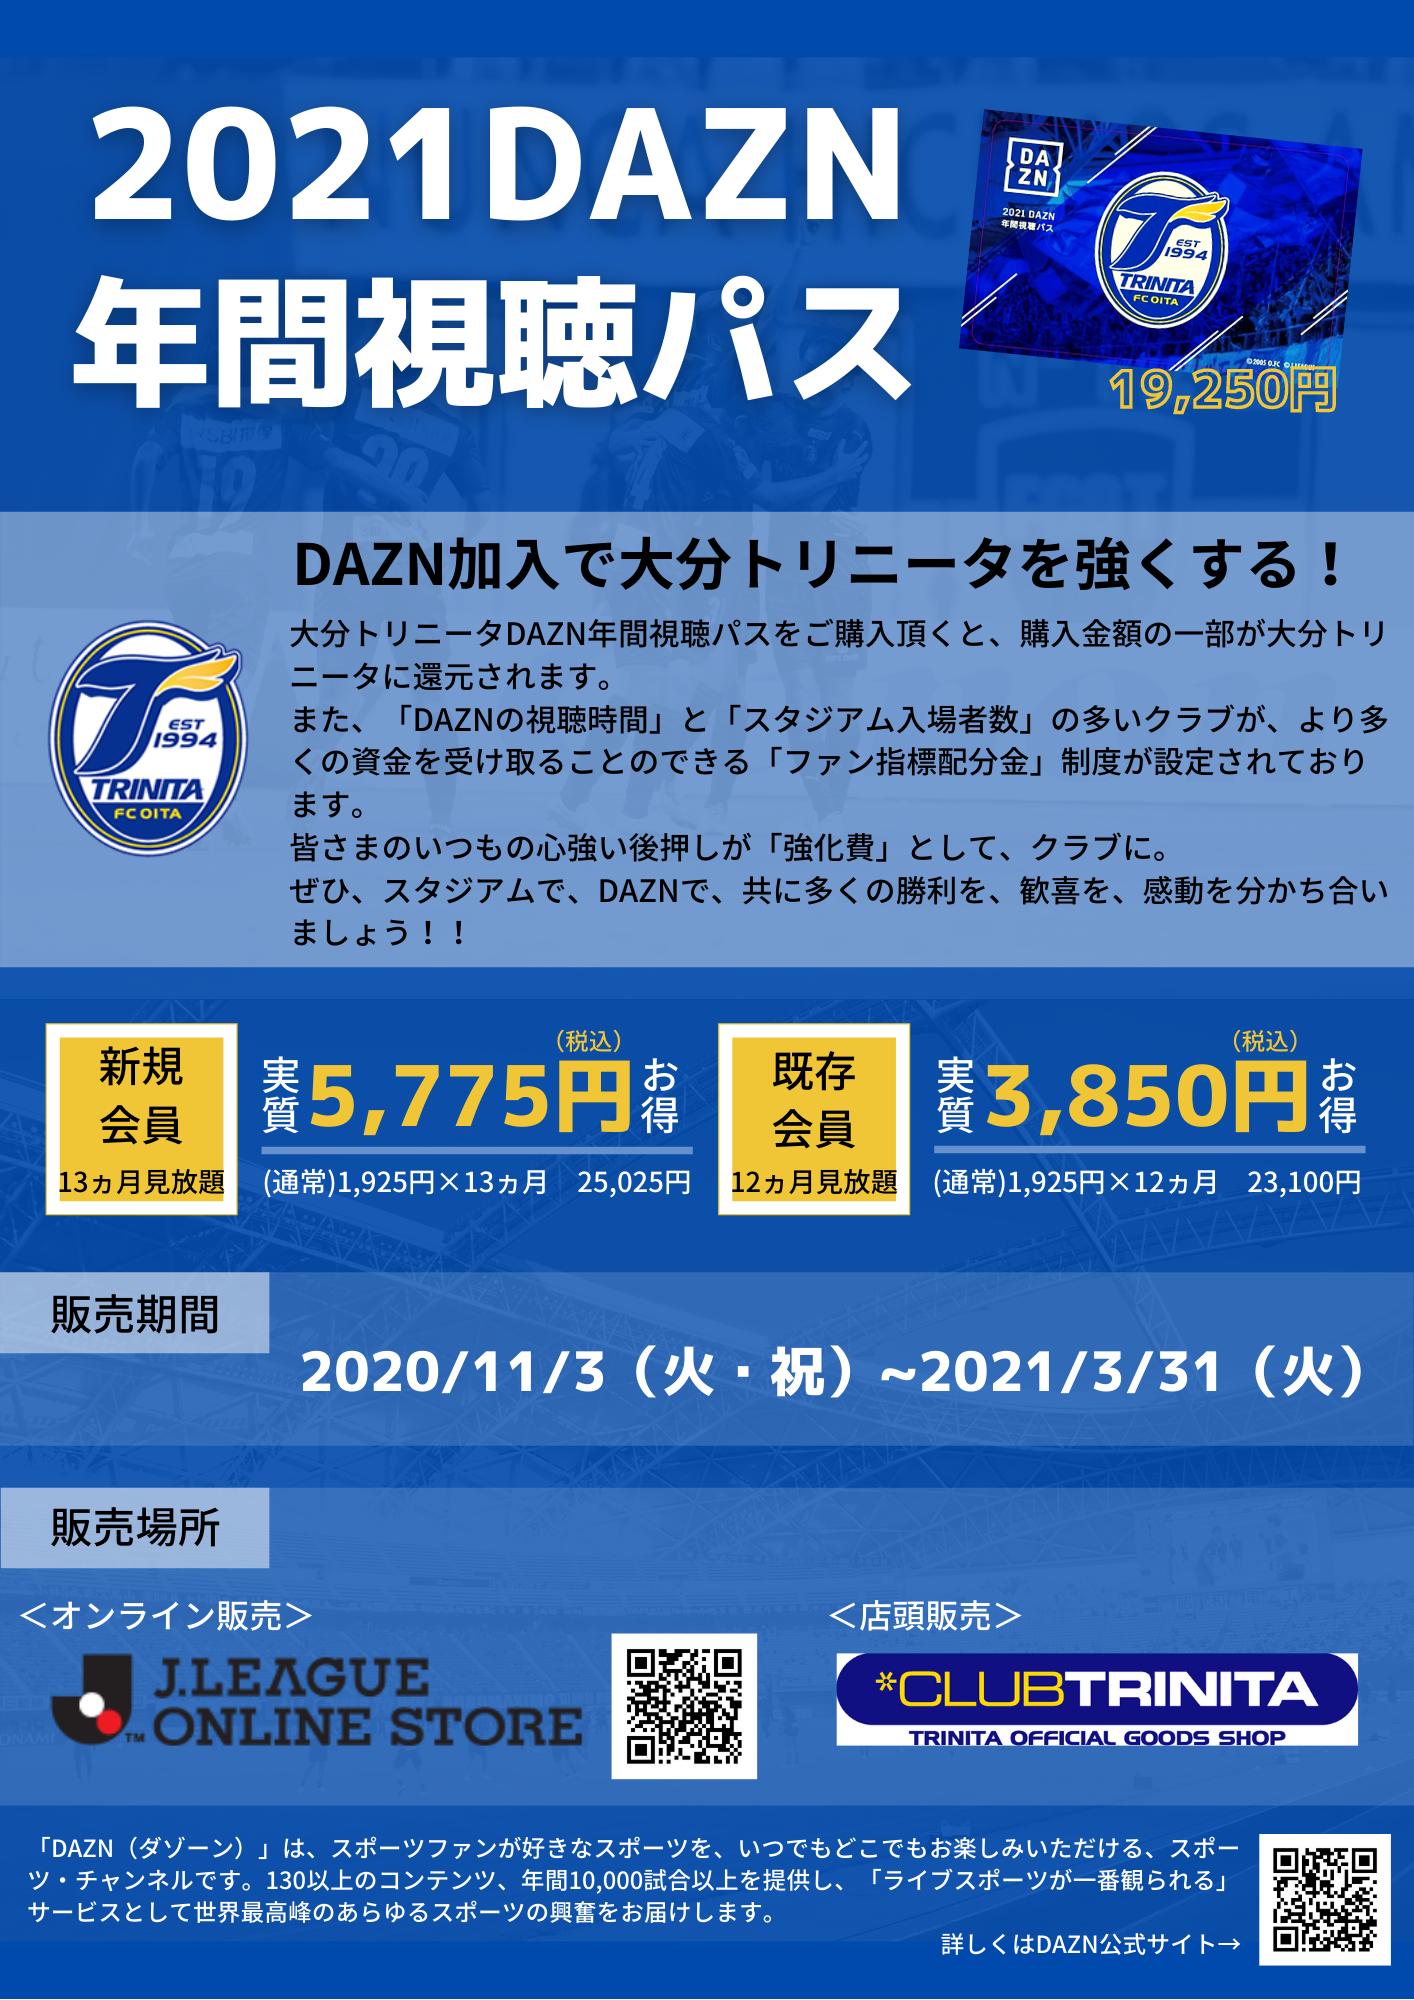 ヘルプ dazn ダゾーン(DAZN)の問い合わせフォームと電話番号はどこ?解説画像つき